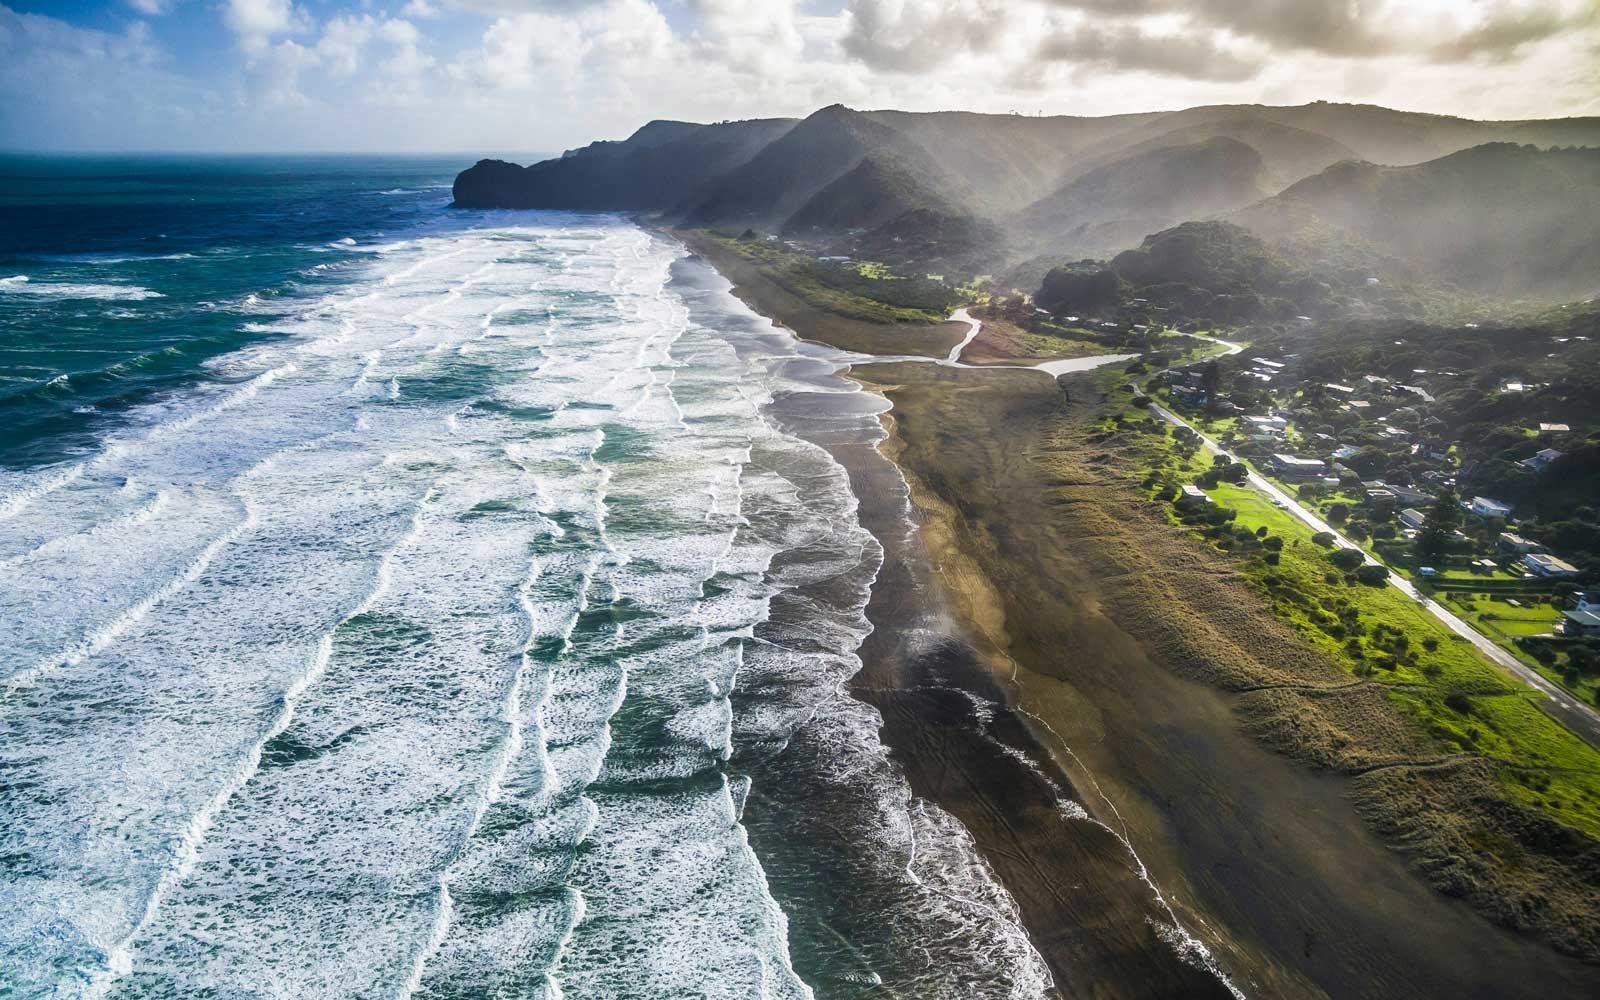 серфинг, новая зеландия, пляжи, ветер, море, волна,